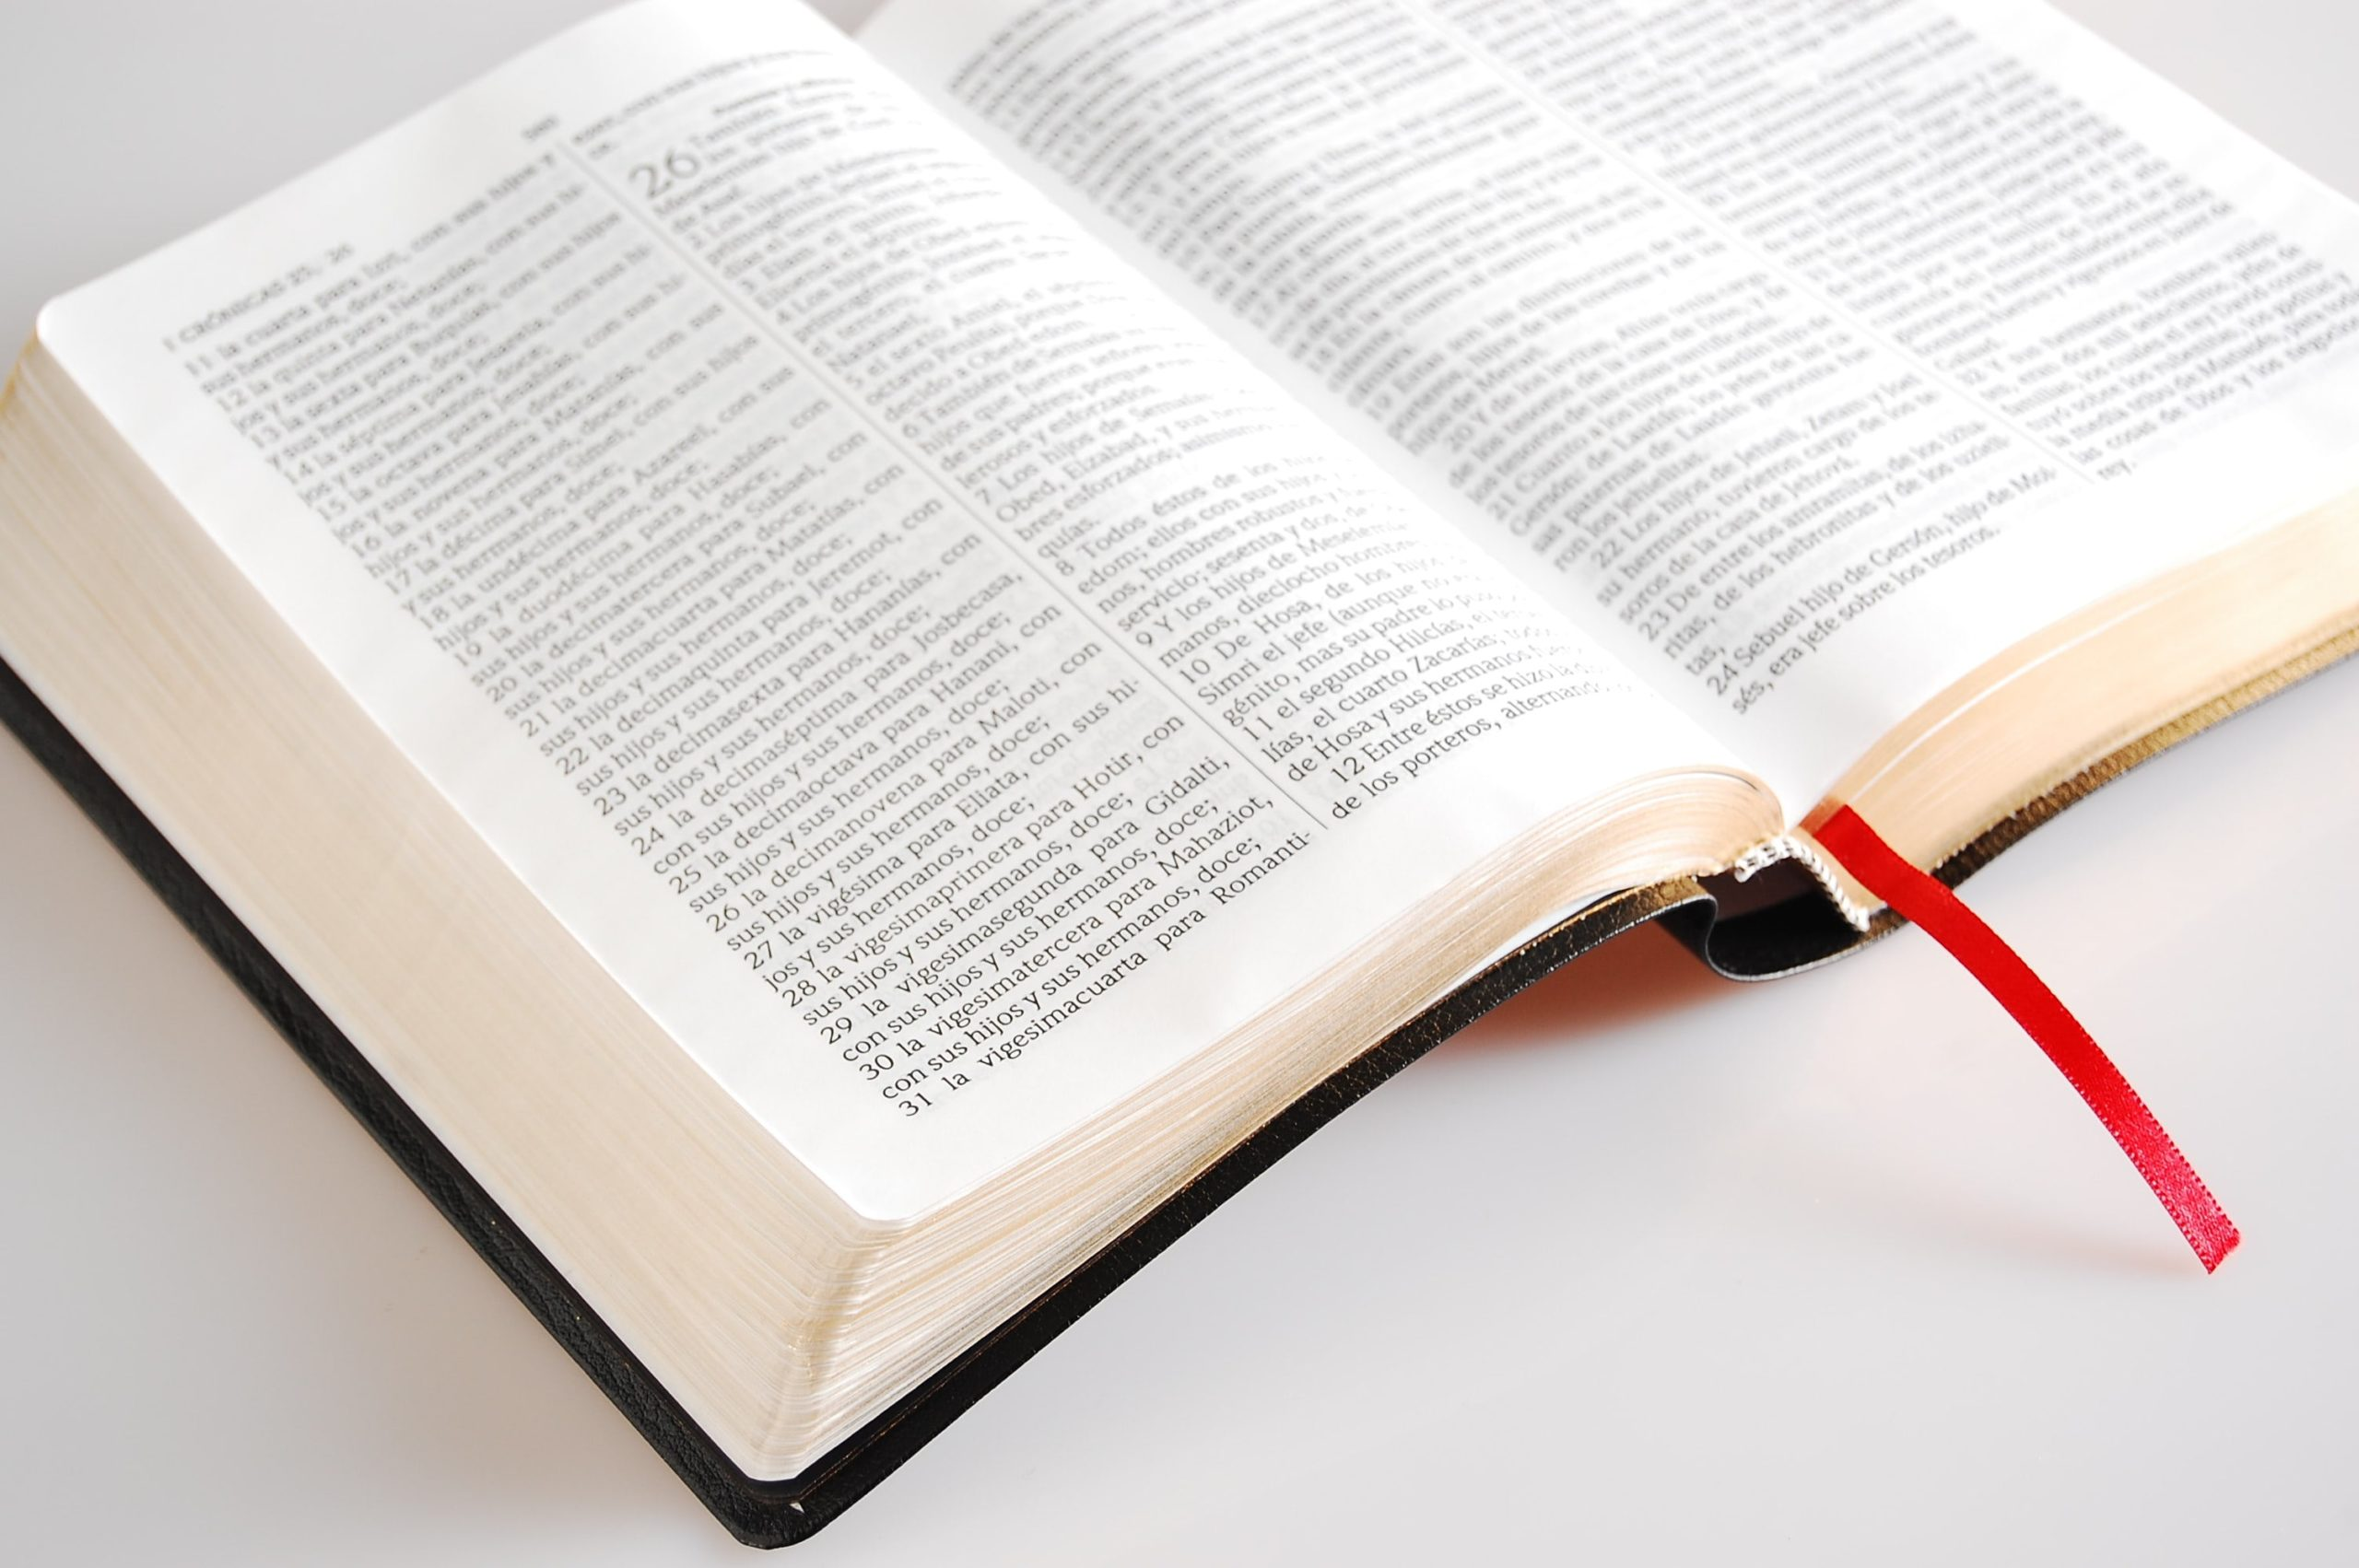 La Biblia el libro sagrado Versión Reina Valera 1960